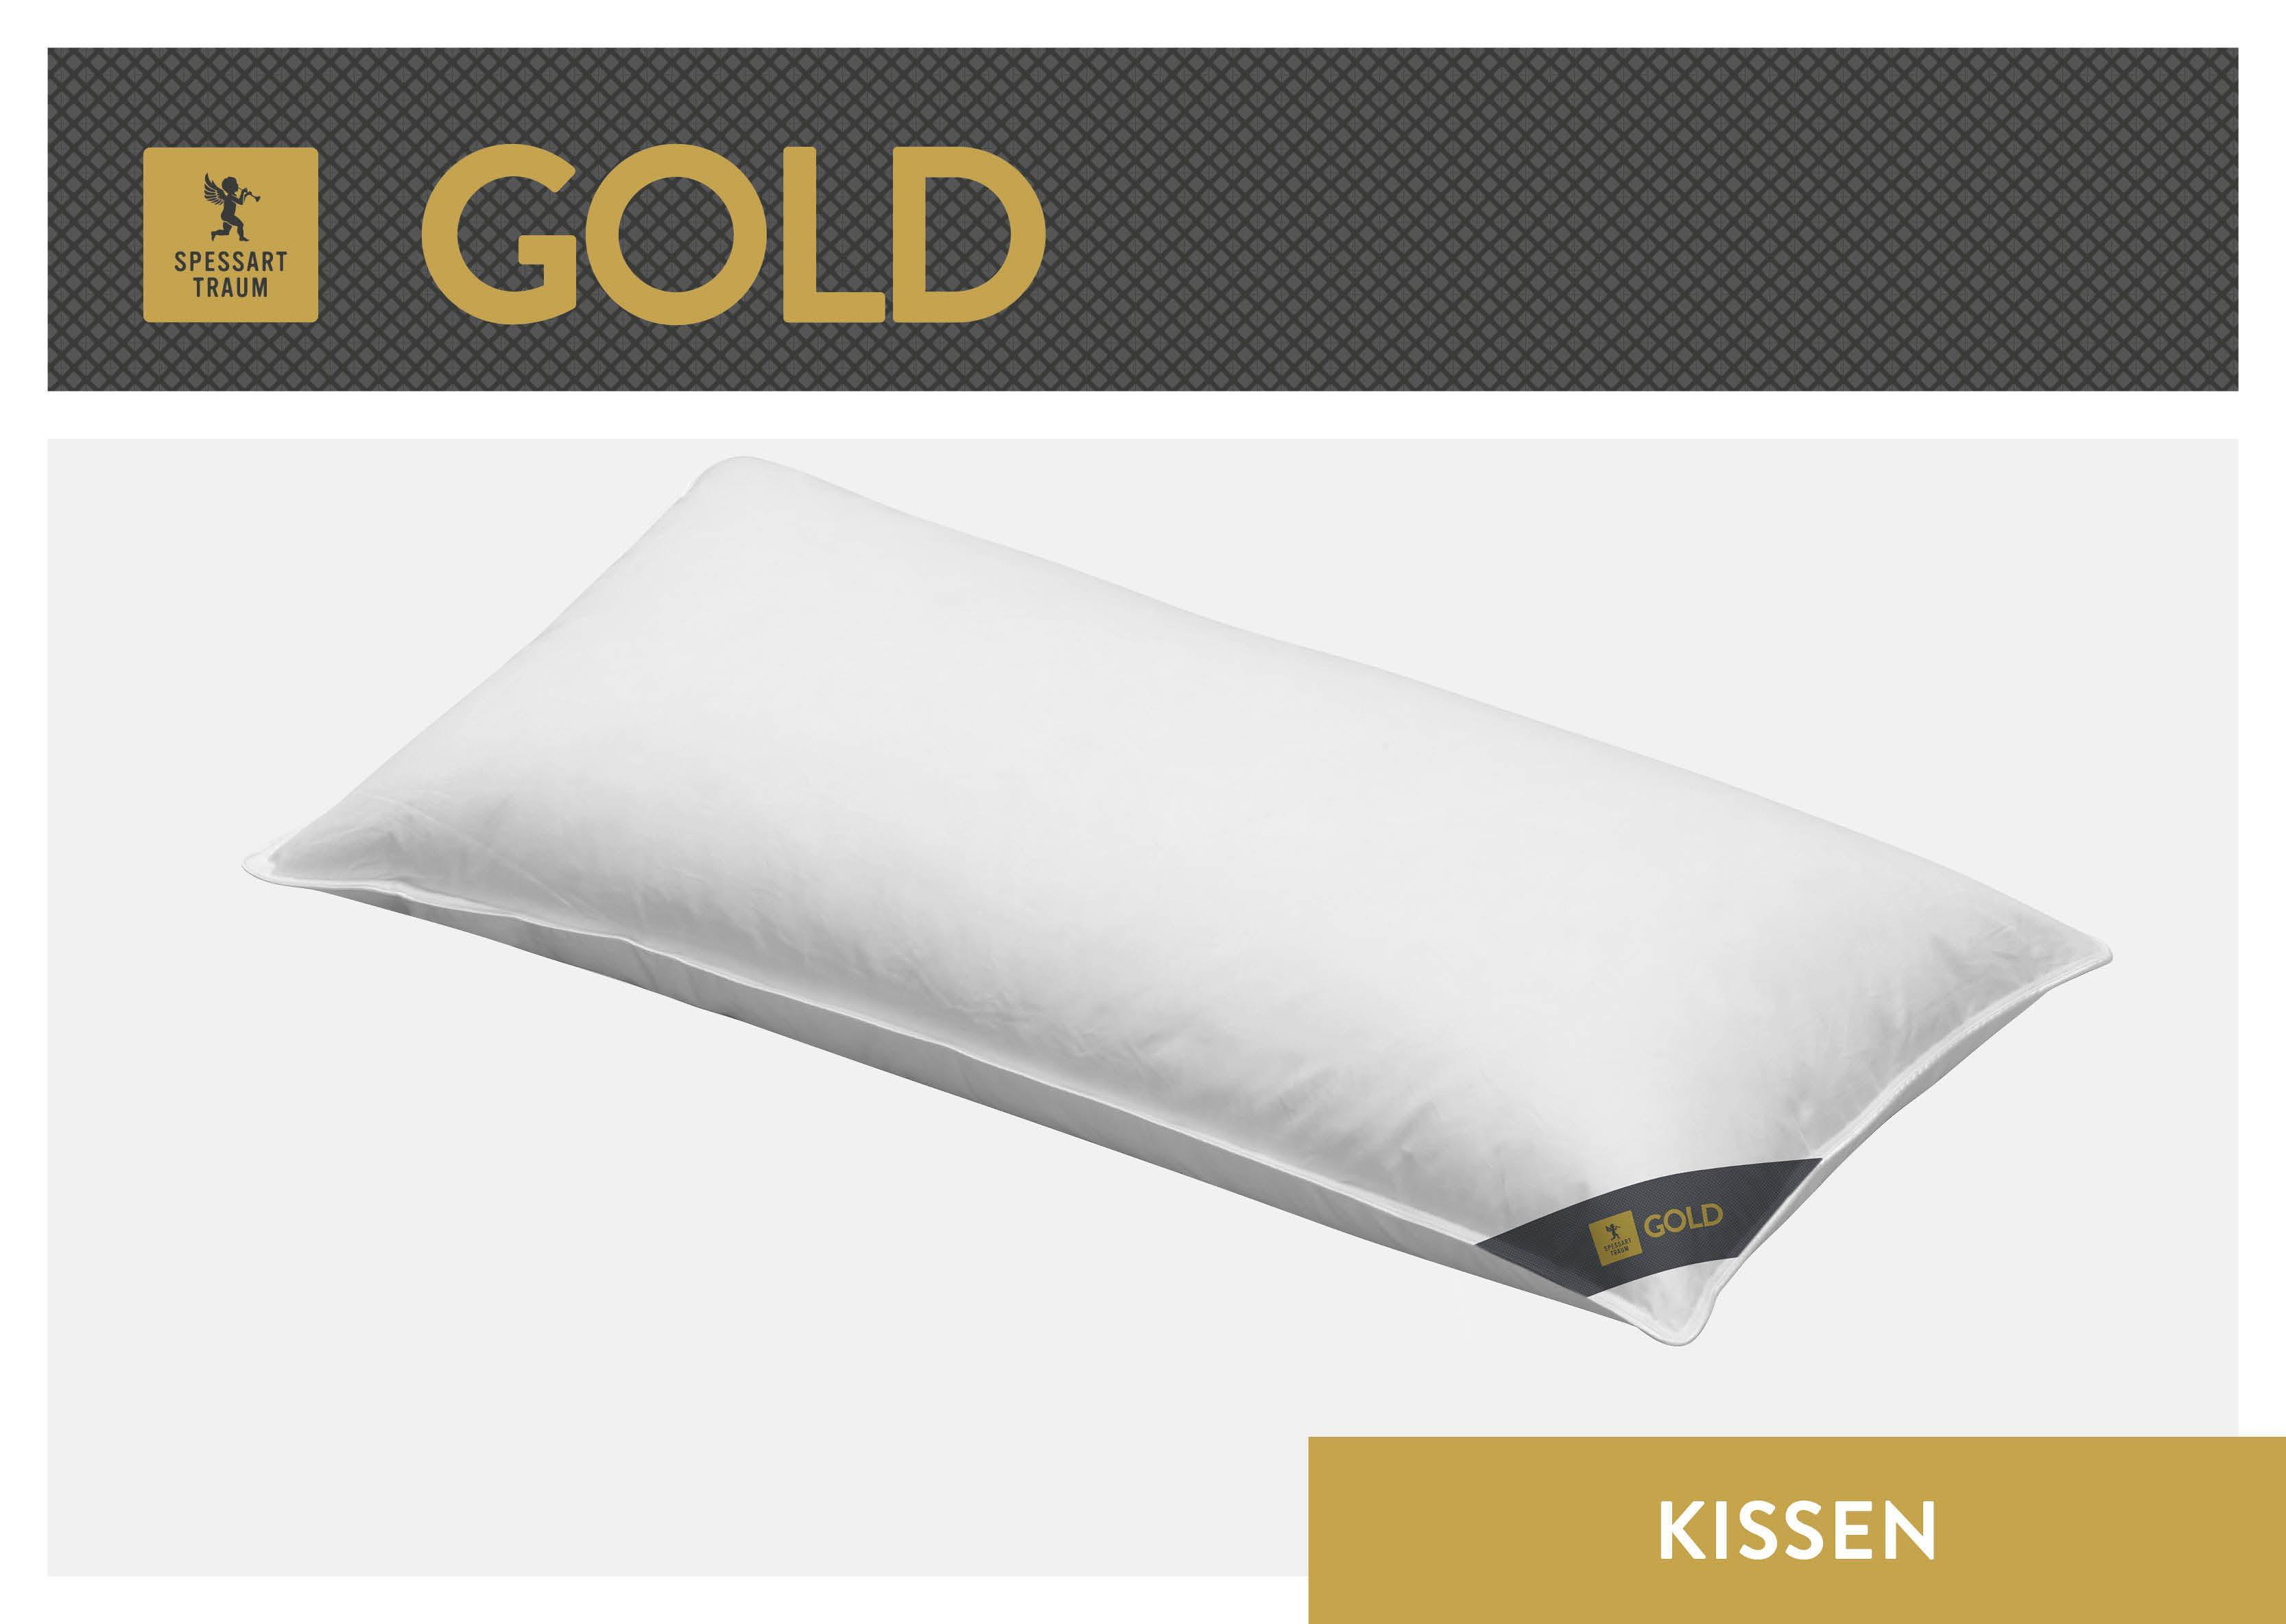 Daunenkissen Gold SPESSARTTRAUM Füllung: 30% Gänsedaunen 70% Gänsefedern Bezug: 100% Baumwolle